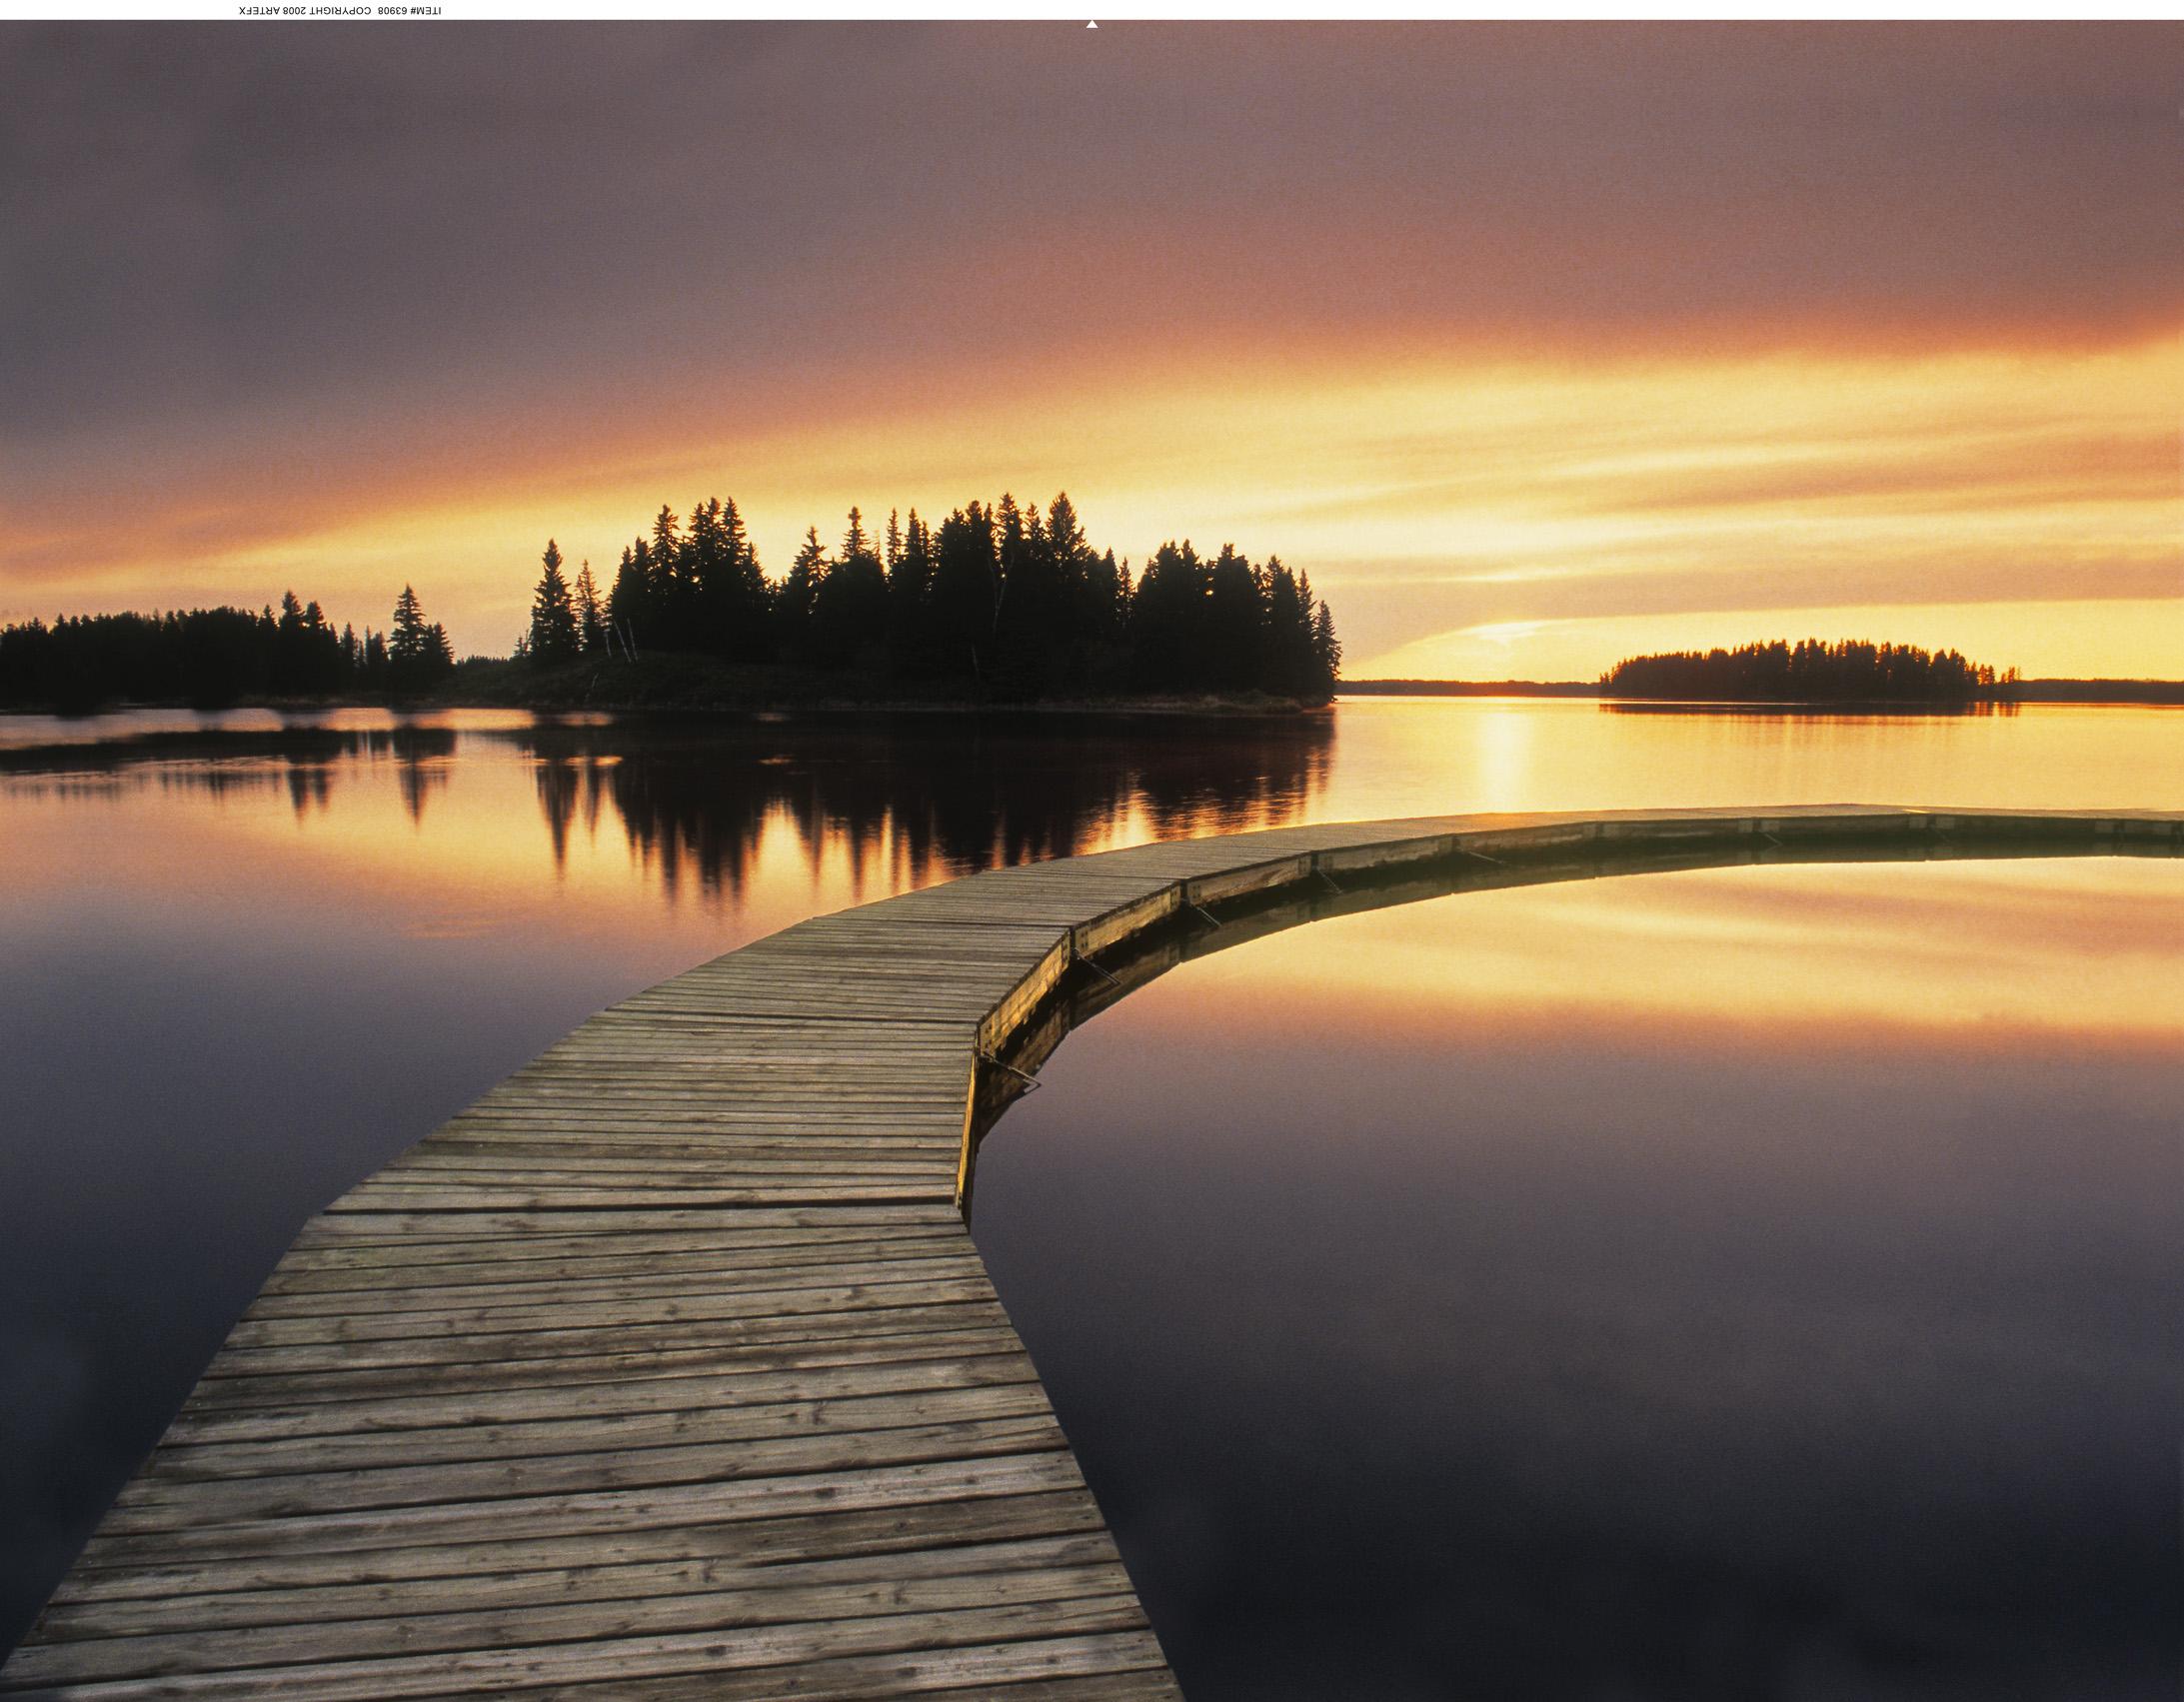 Tranquil HD wallpapers, Desktop wallpaper - most viewed